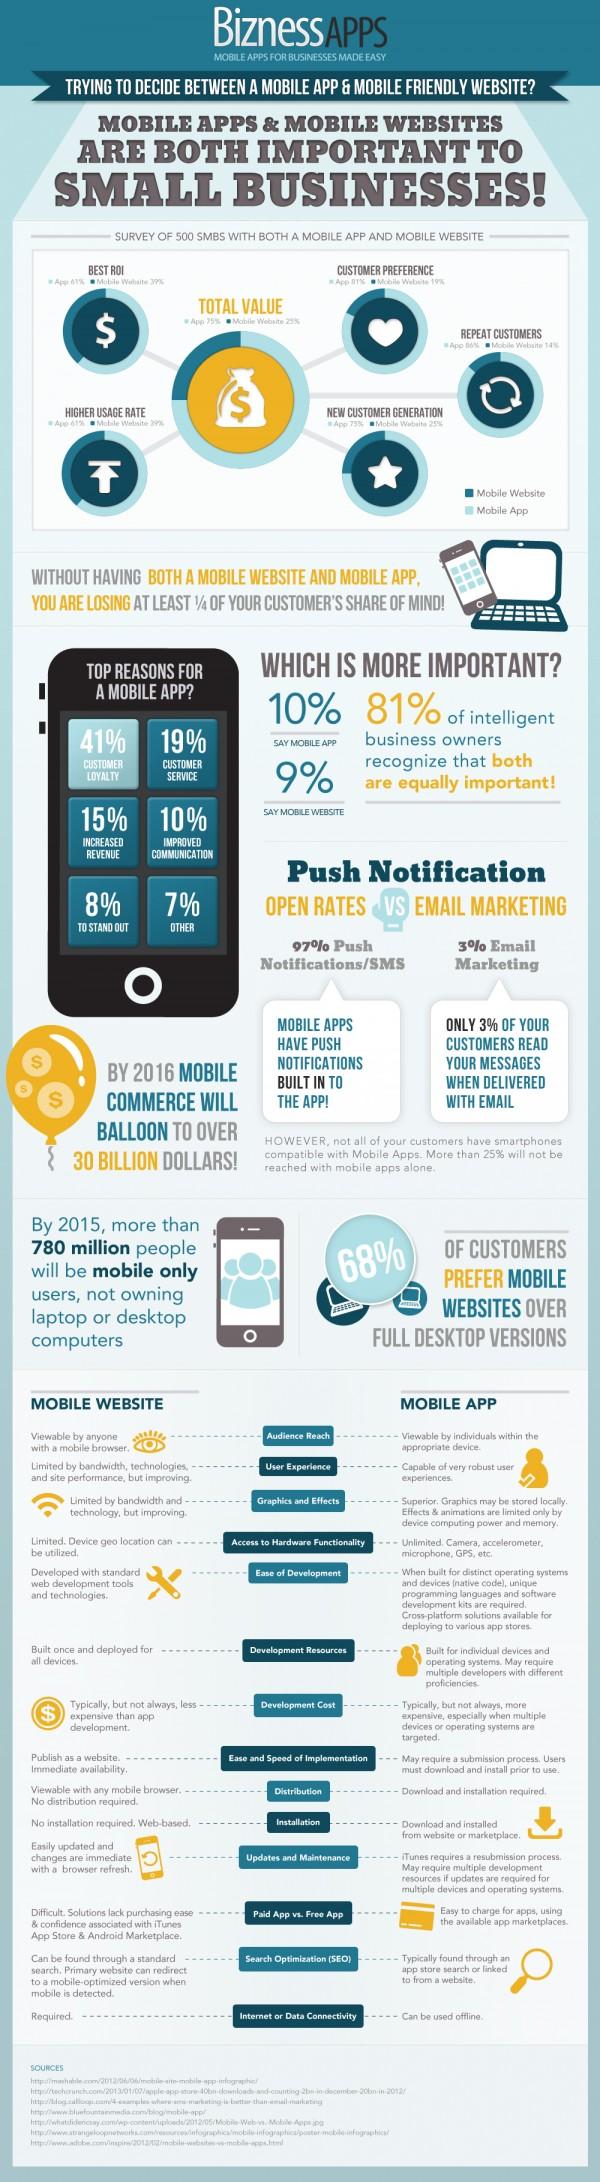 bizness-apps-e1366823752733